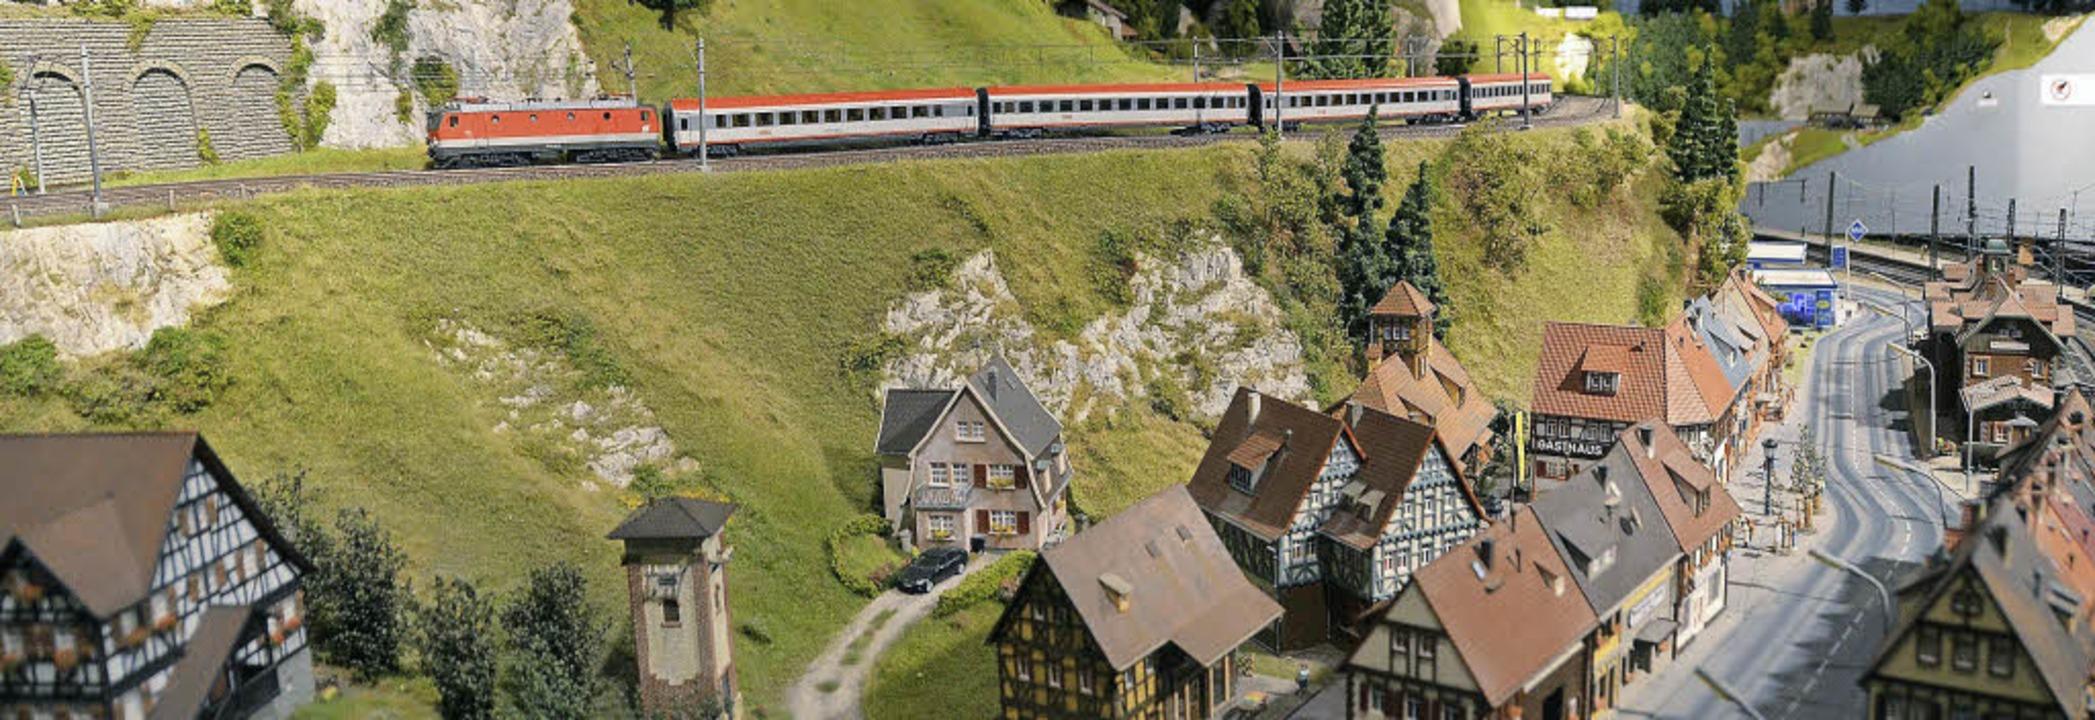 Zug in Landschaft: Das ist nur ein kle...lage im Schluchseer Modellbauzentrum.   | Foto: Bury